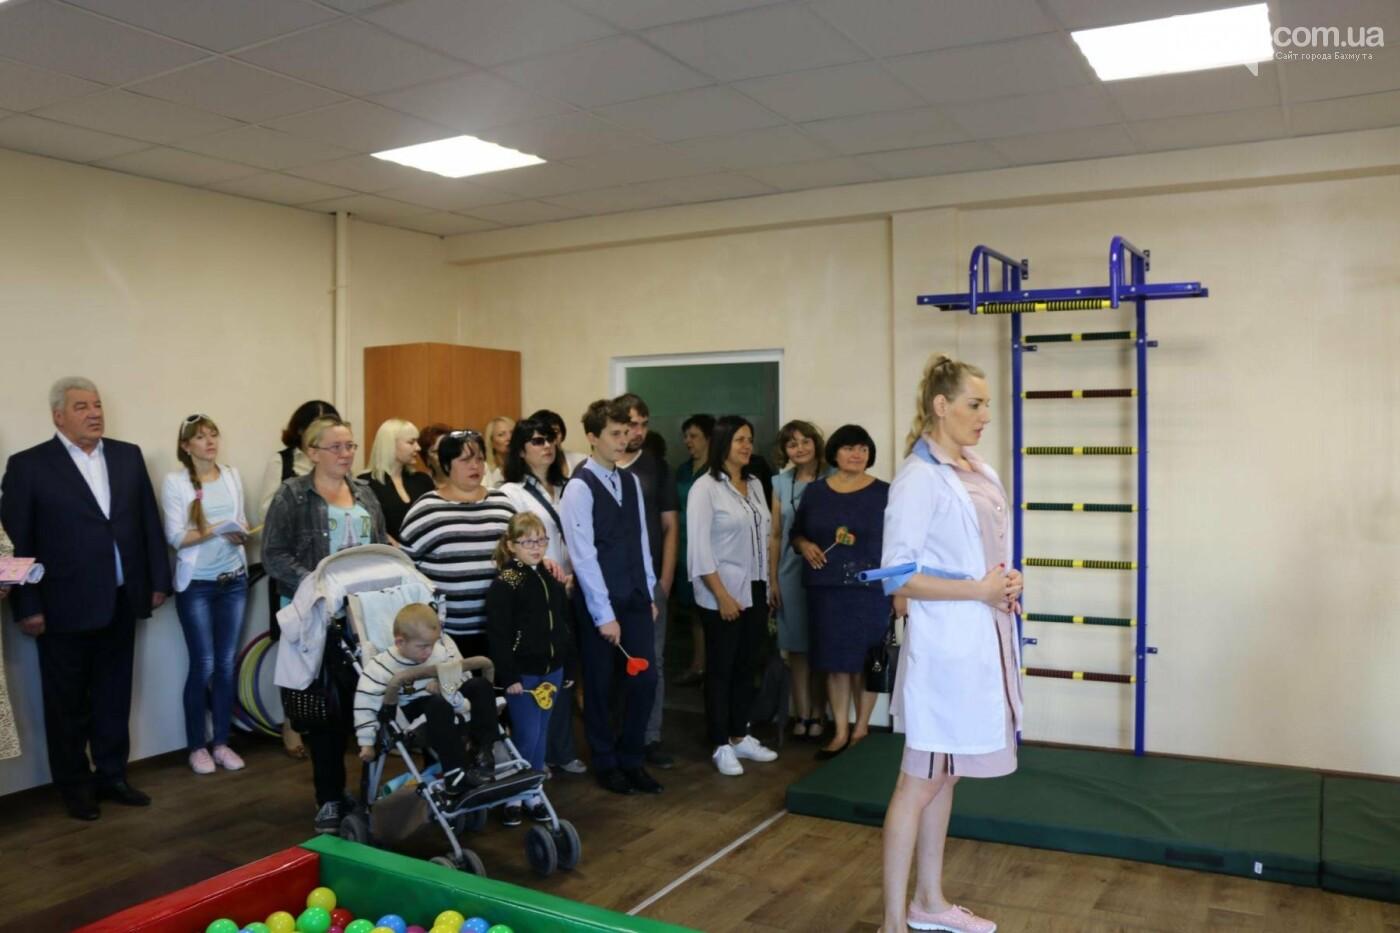 В Бахмуте открыт Инклюзивно-ресурсный центр для детей с особыми потребностями, фото-8